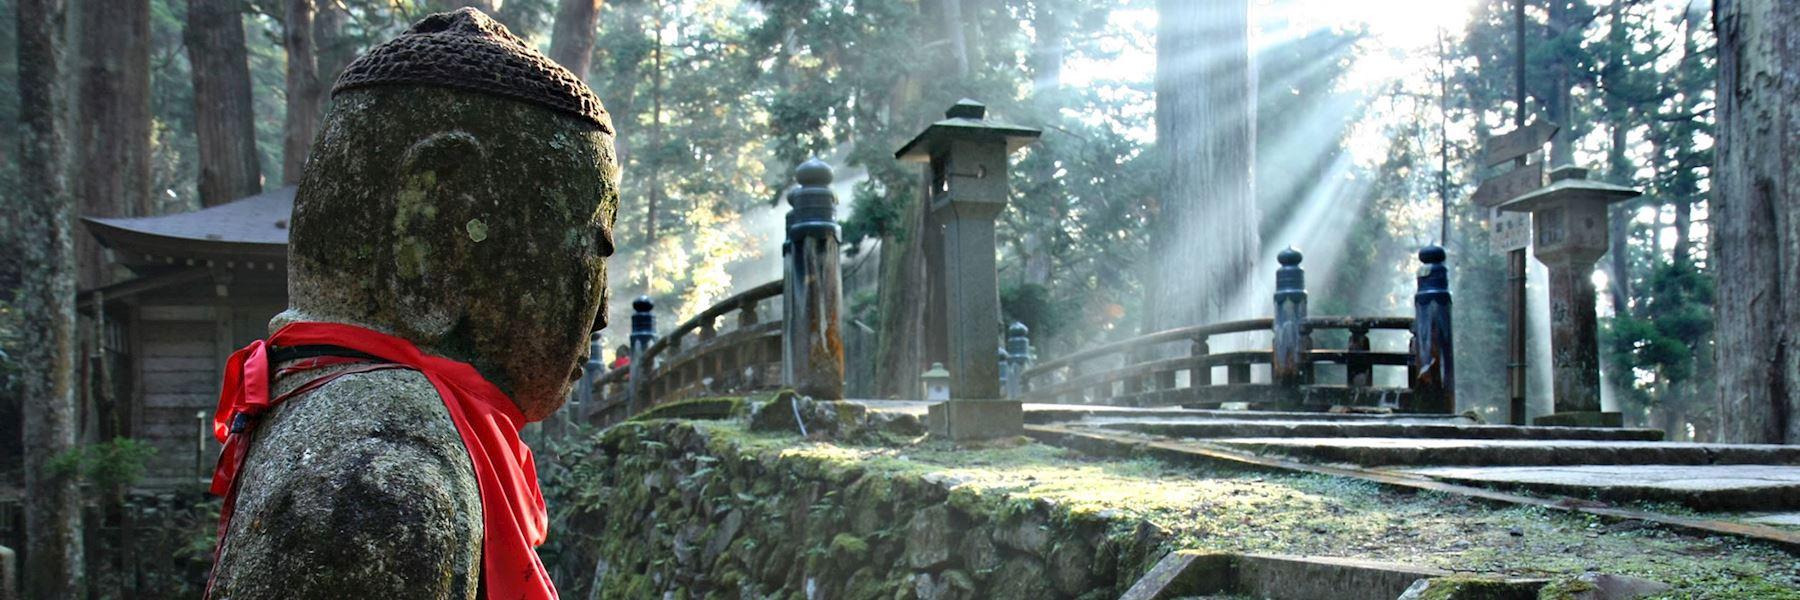 Visit Mount Koya, Japan